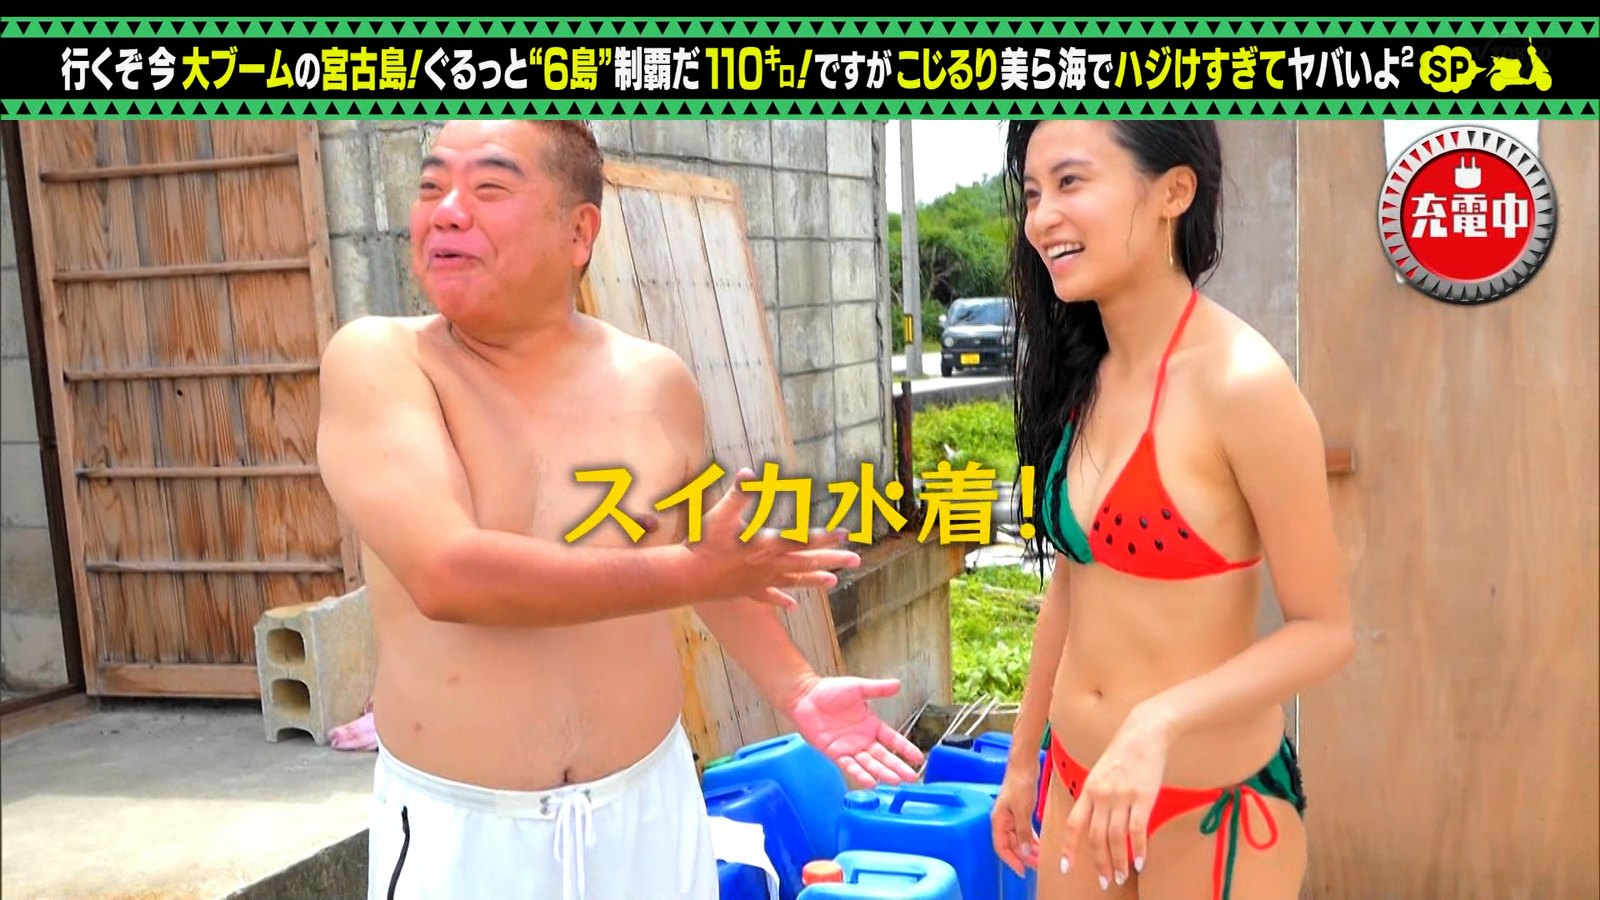 小島瑠璃子_ビキニ水着_お尻_キャプエロ画像_17